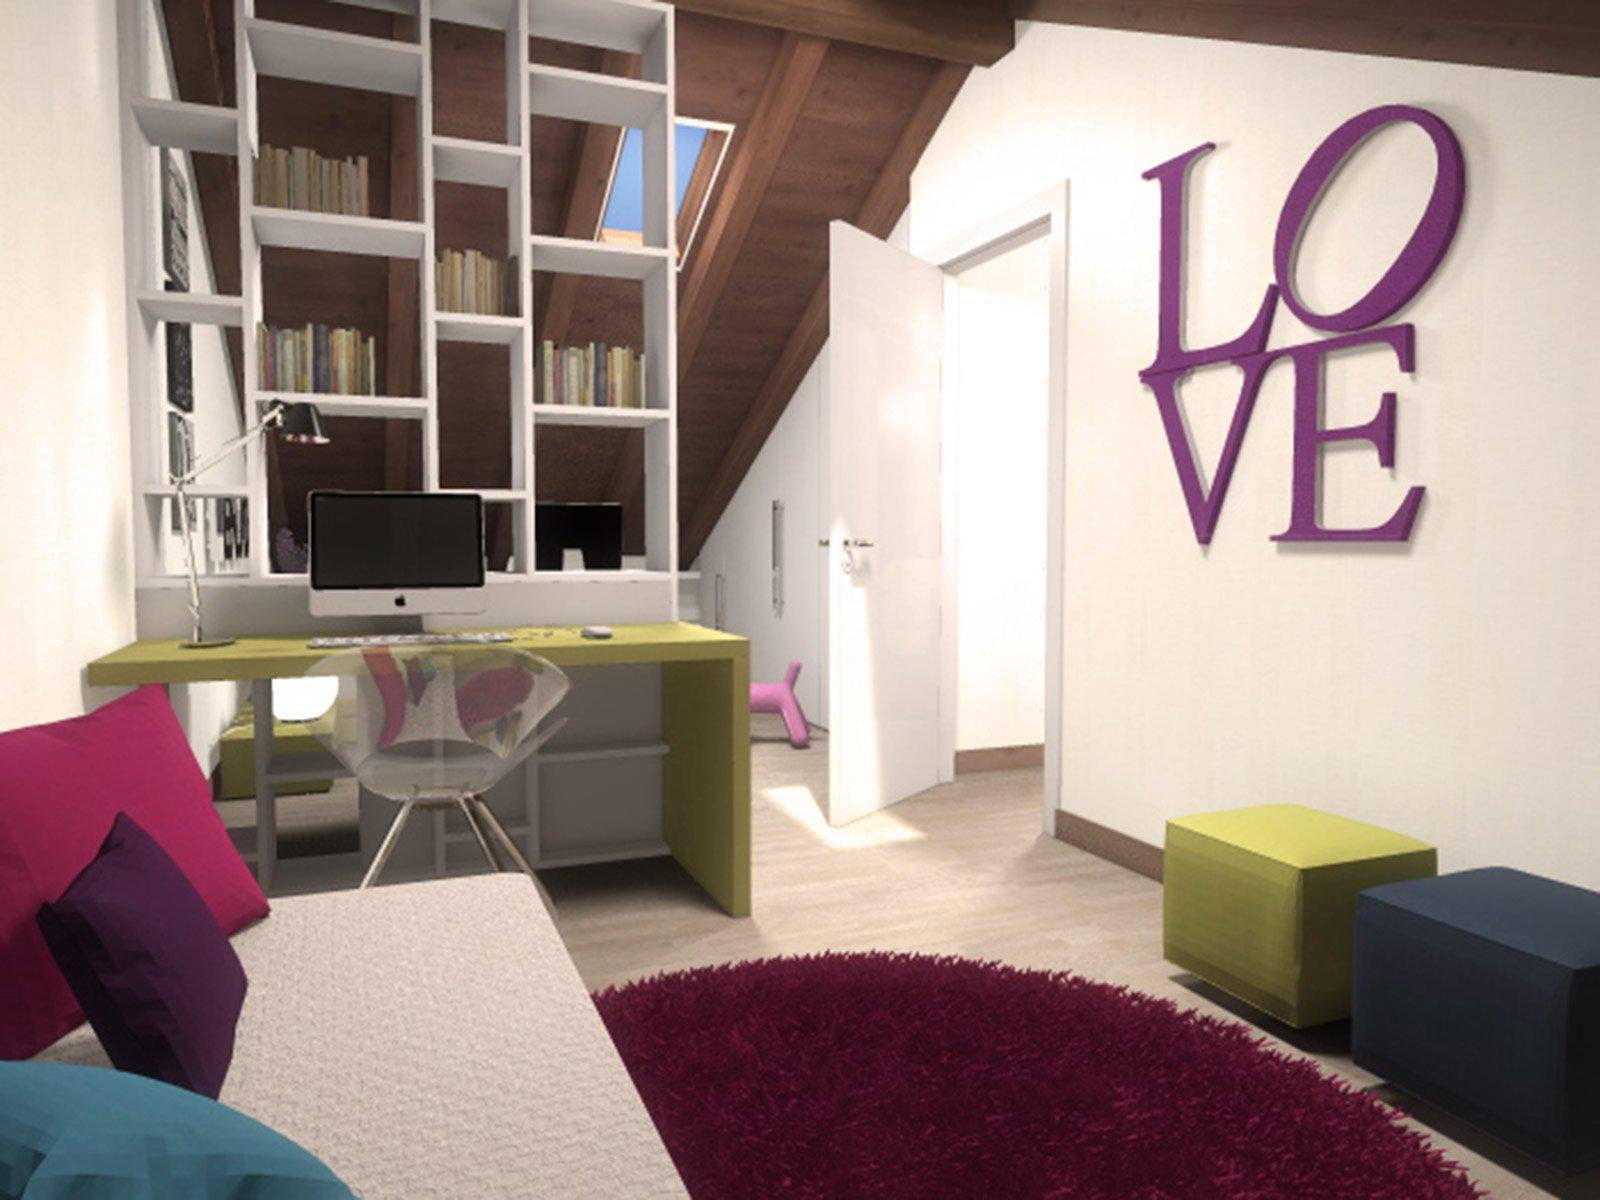 La mansarda da dividere in camera e studio cose di casa - Arredare camera studio ...